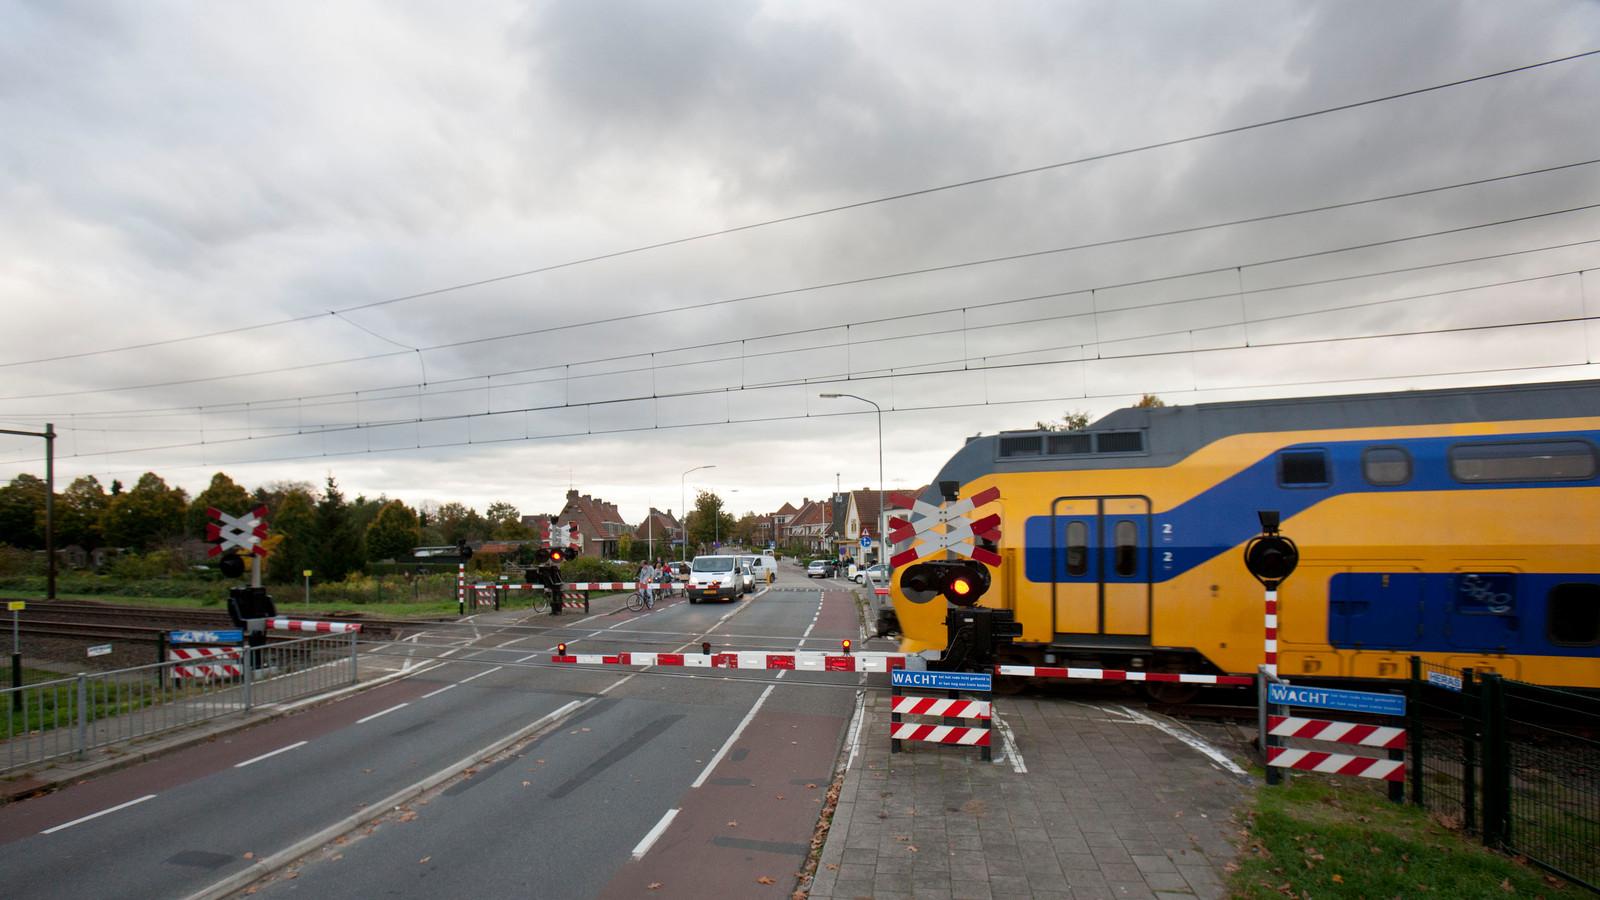 De spoorwegovergang aan de Kerkweg in Ede. De overgang blijft tot eind 2019 open voor al het verkeer en gaat dan dicht.